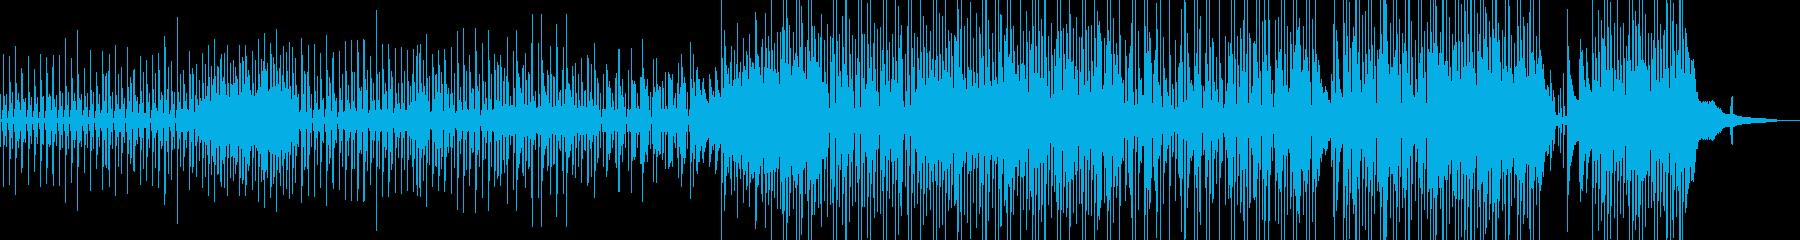 ウクレレ・後半賑やか 日常作品に B★の再生済みの波形